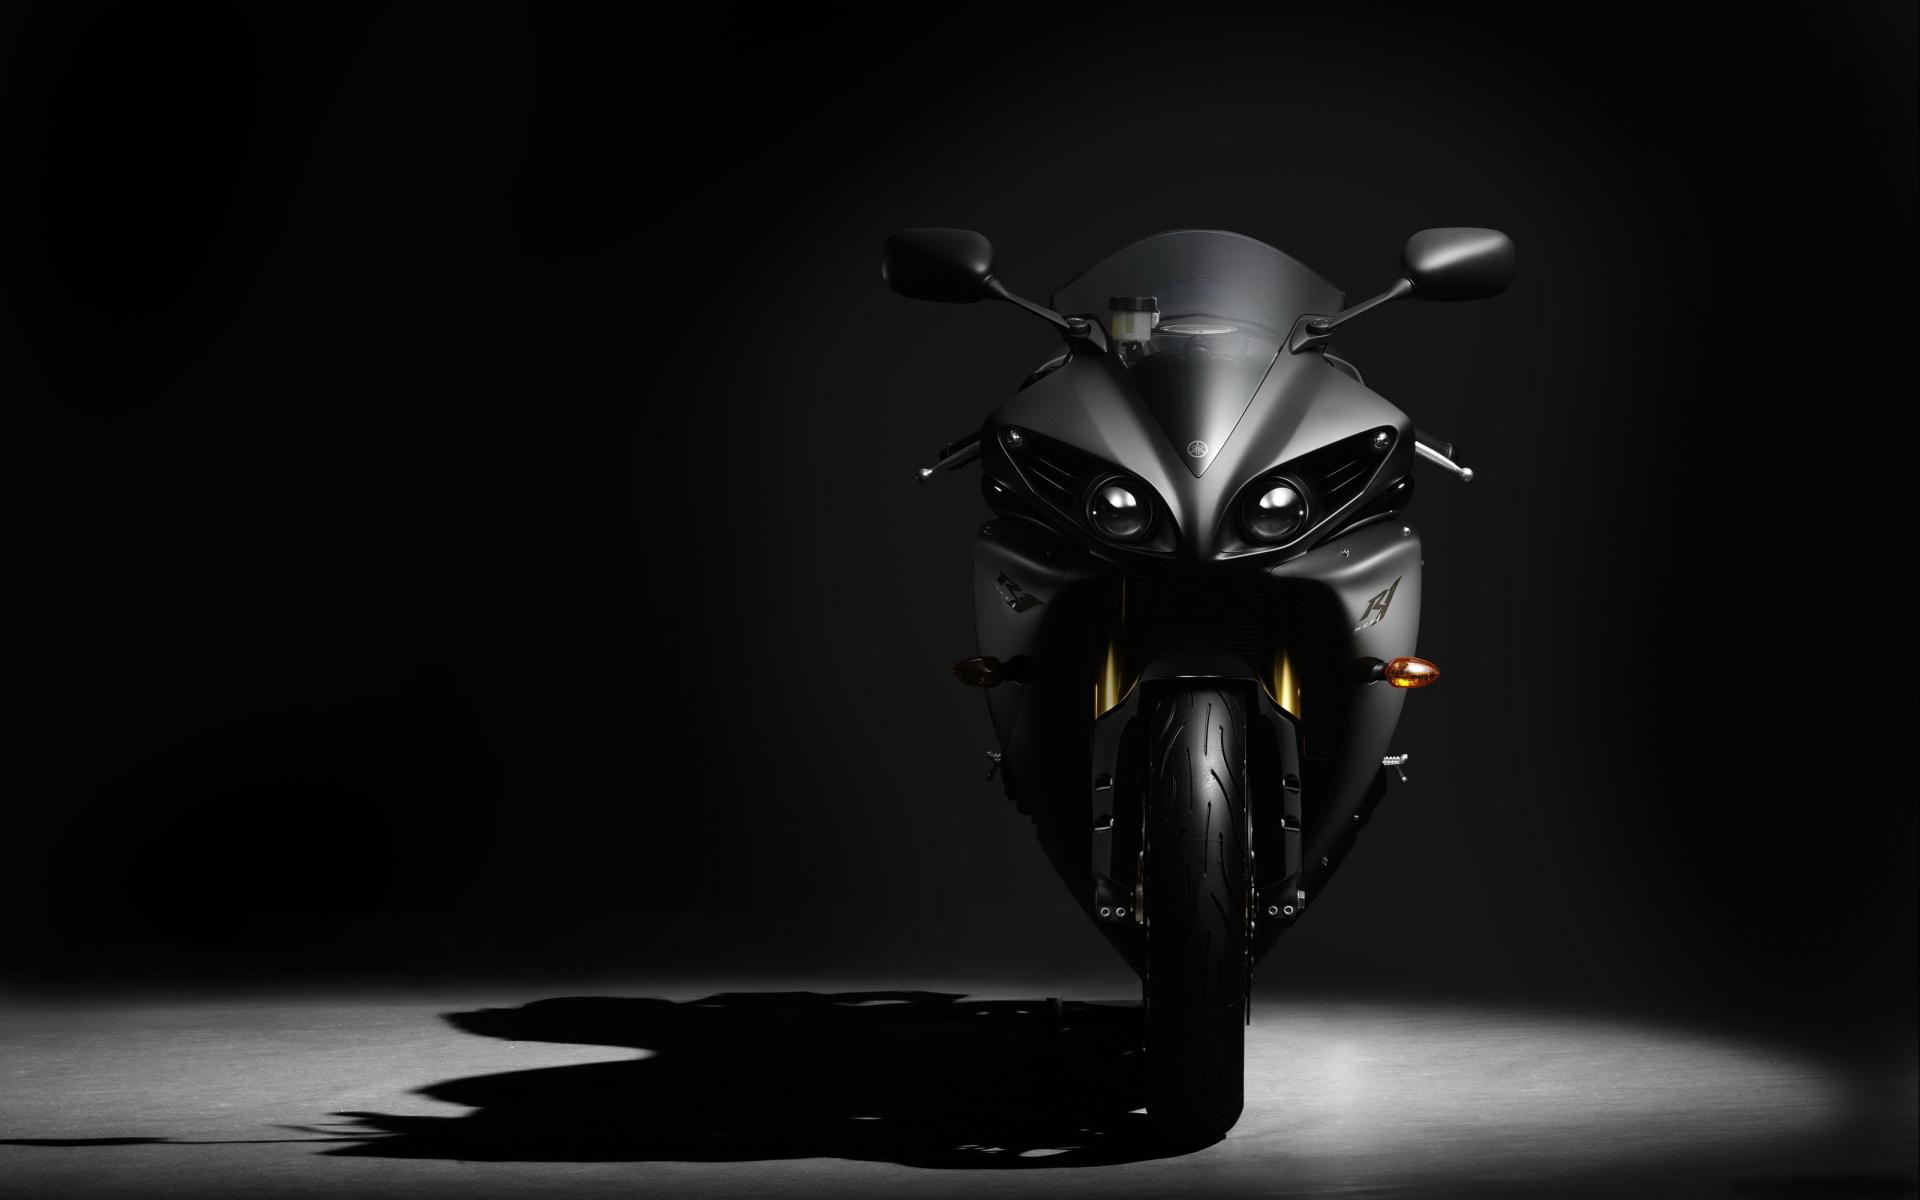 black bike wallpaper 33153 1920x1200 px